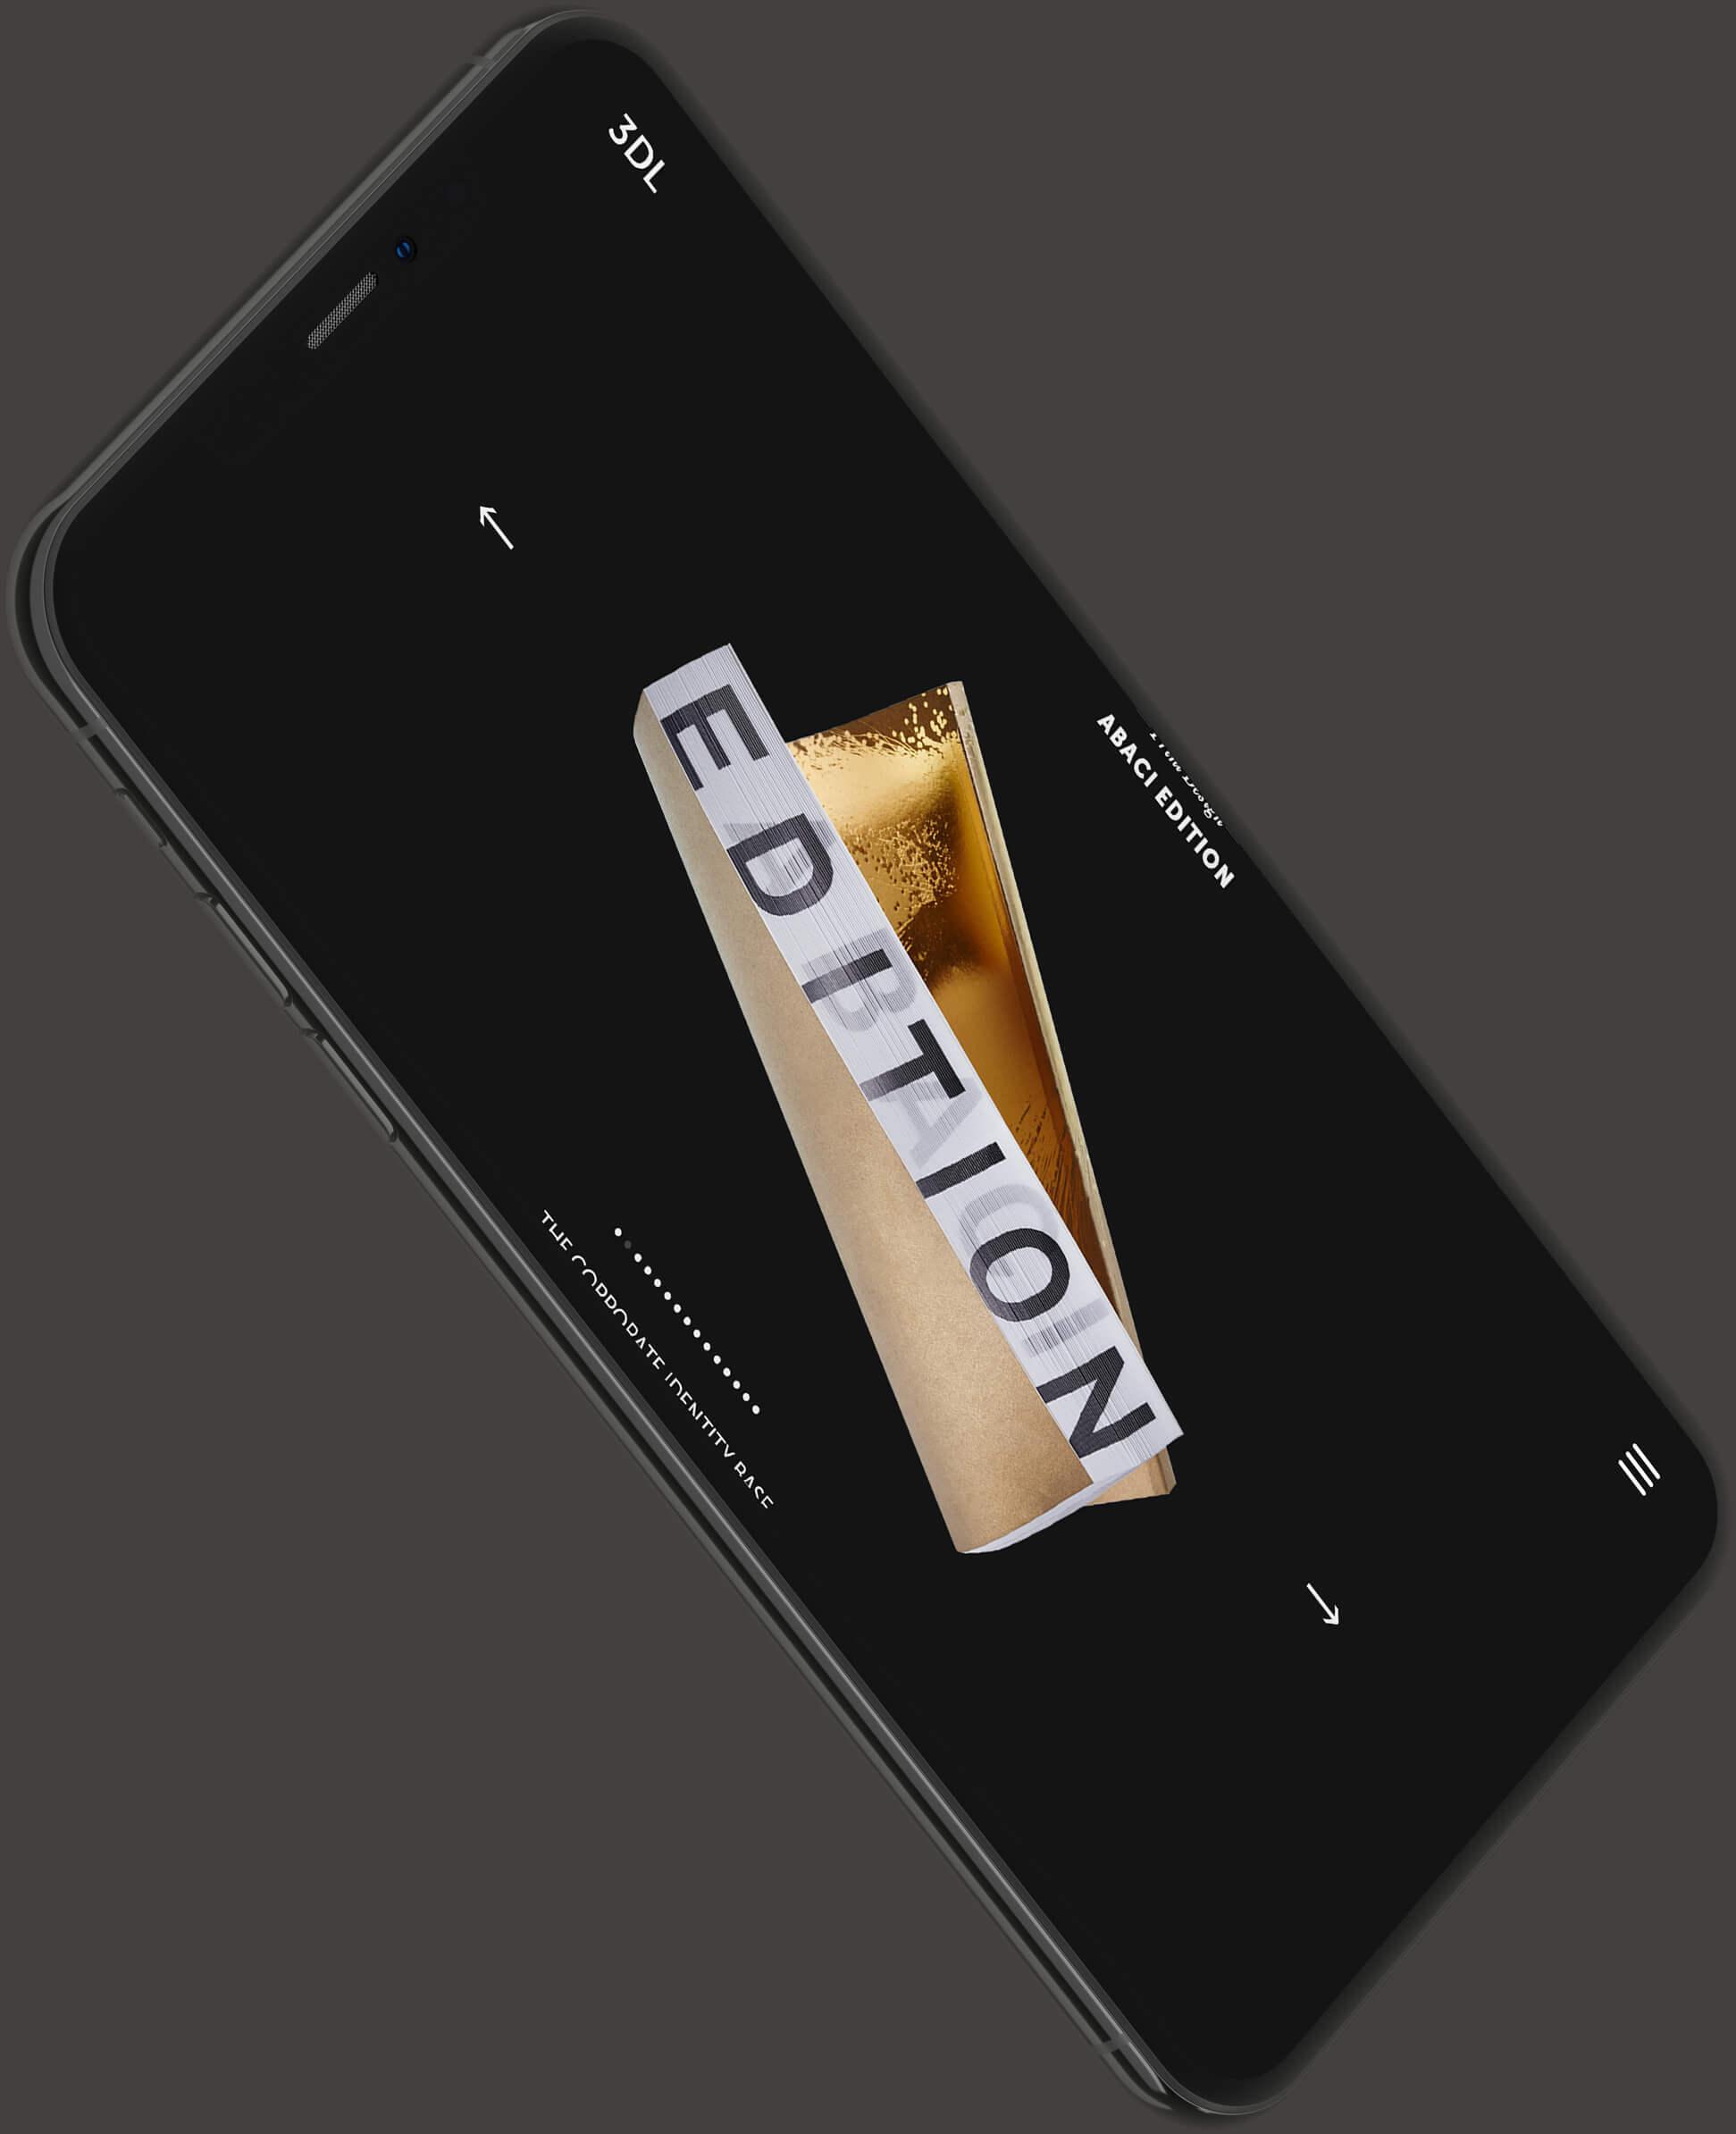 3DL-phone1.1